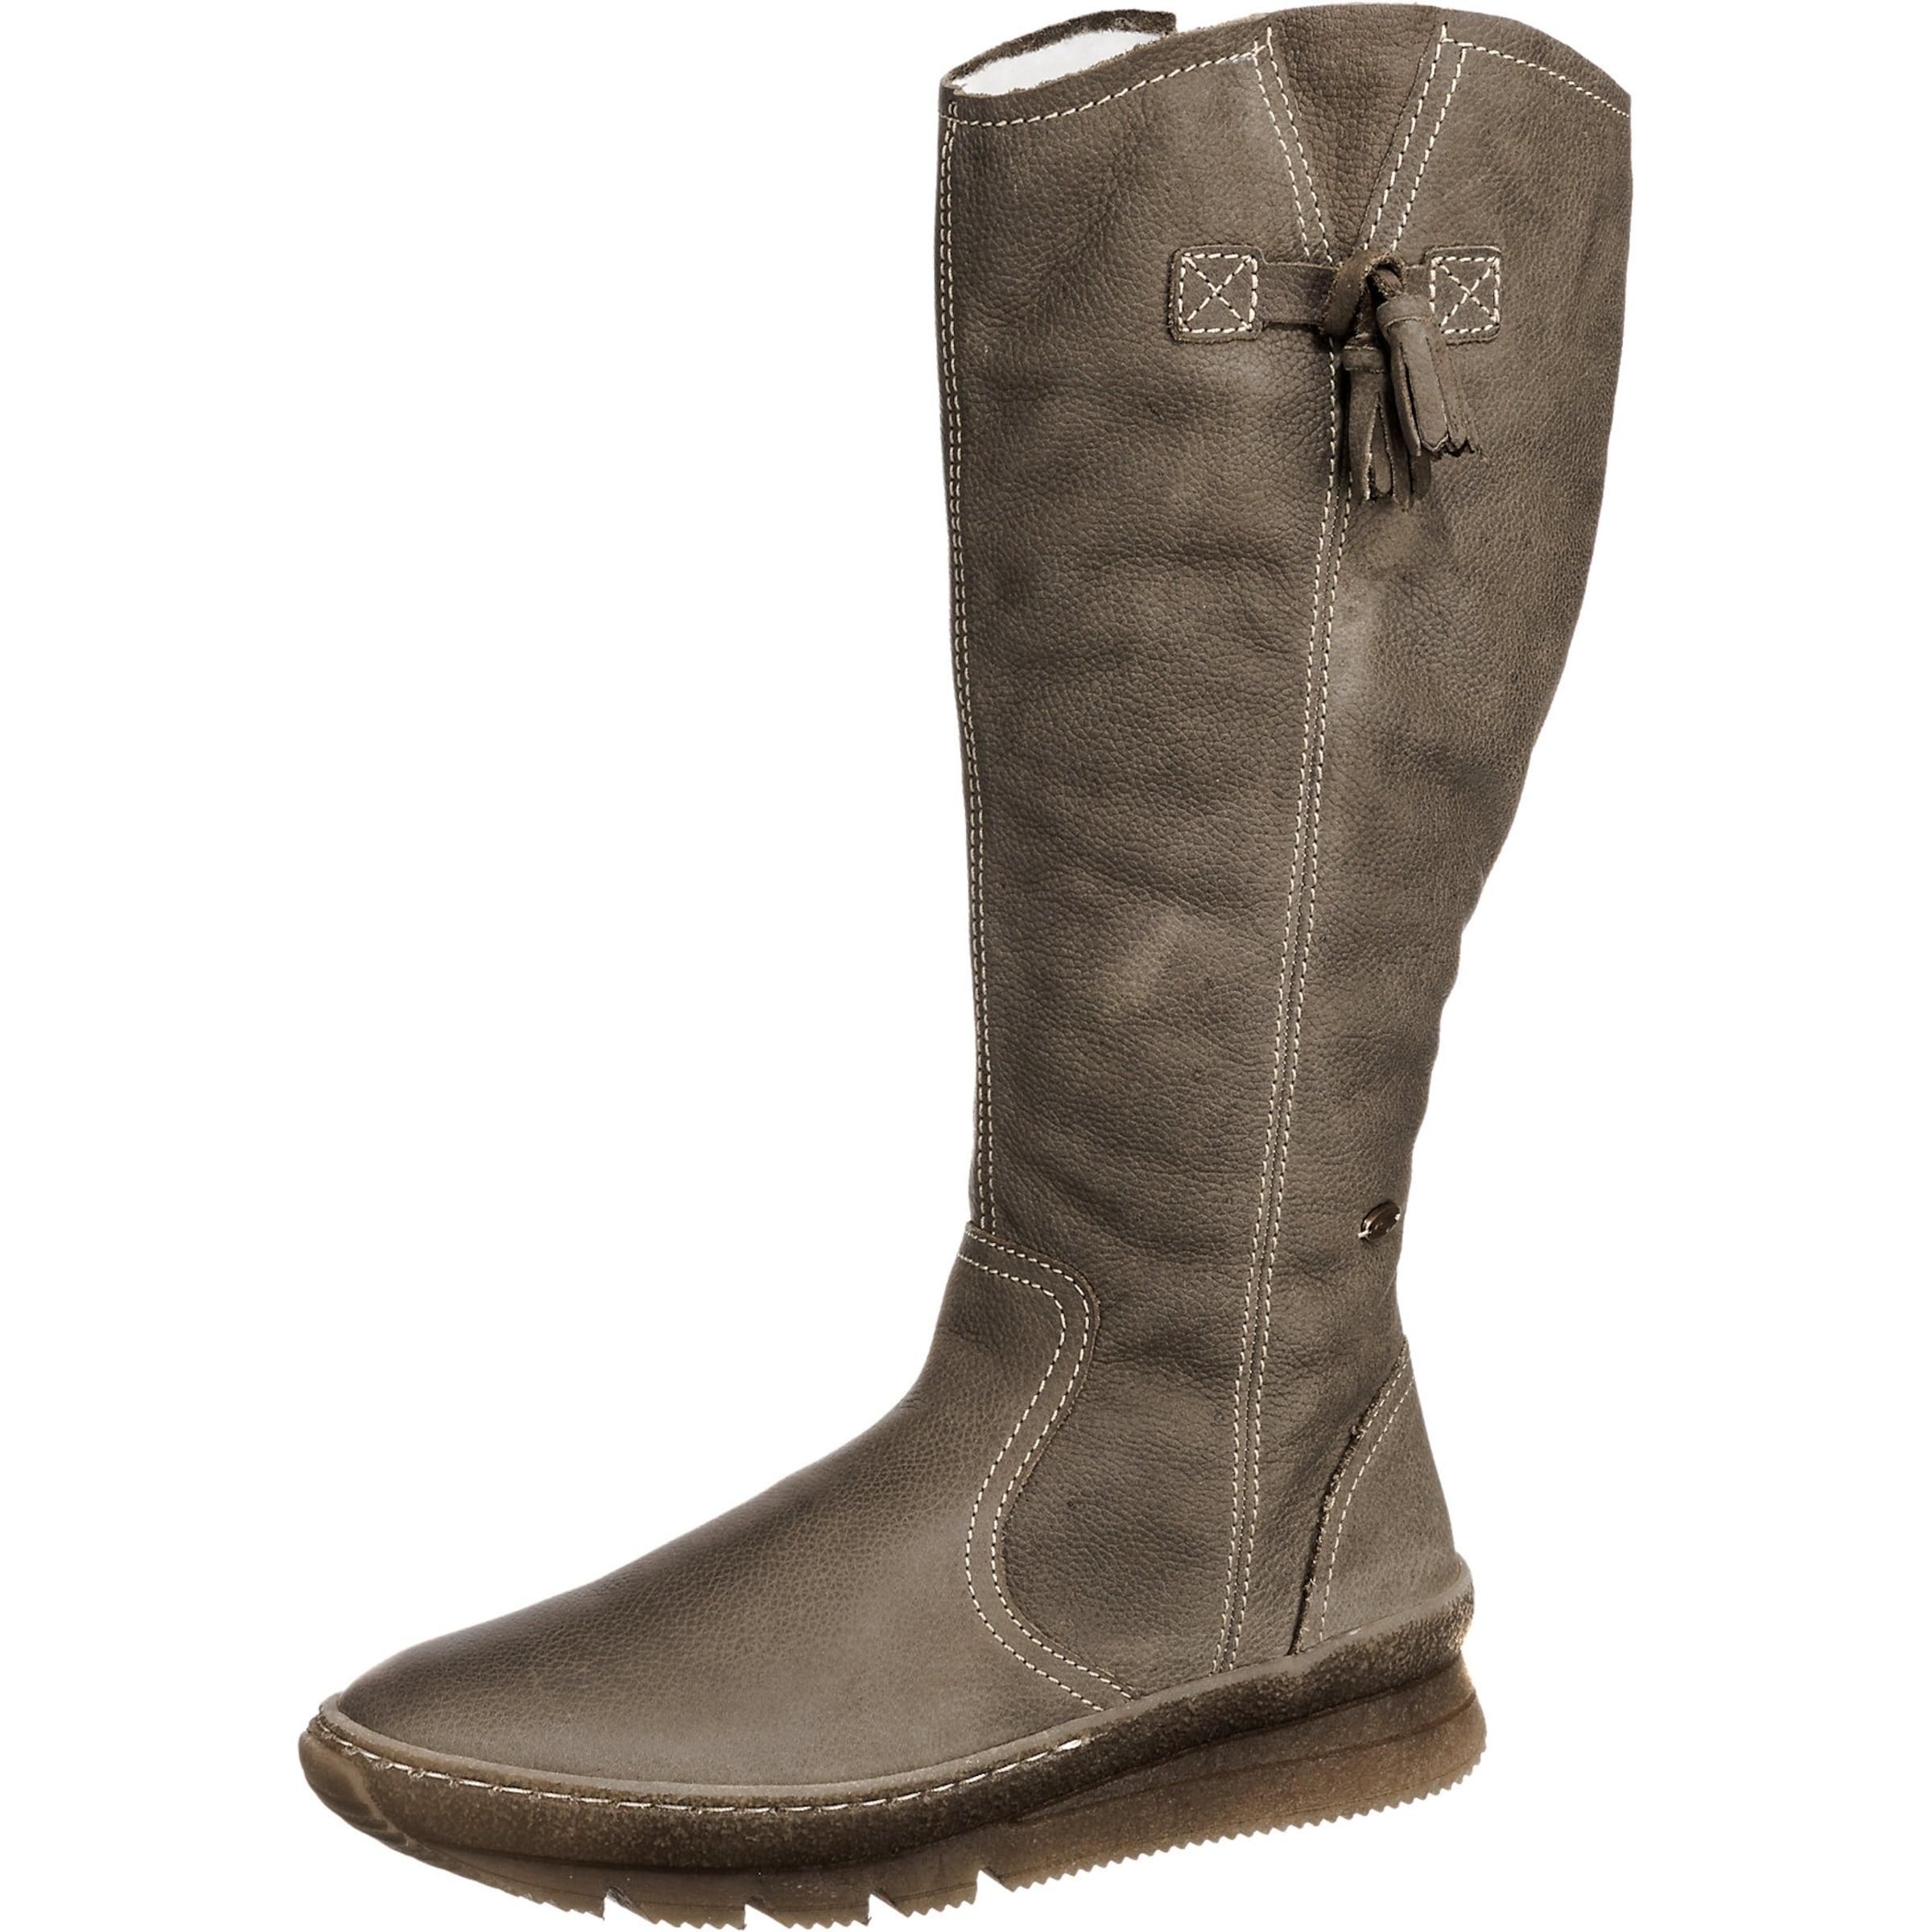 CAMEL ACTIVE Stiefel Verschleißfeste billige Schuhe